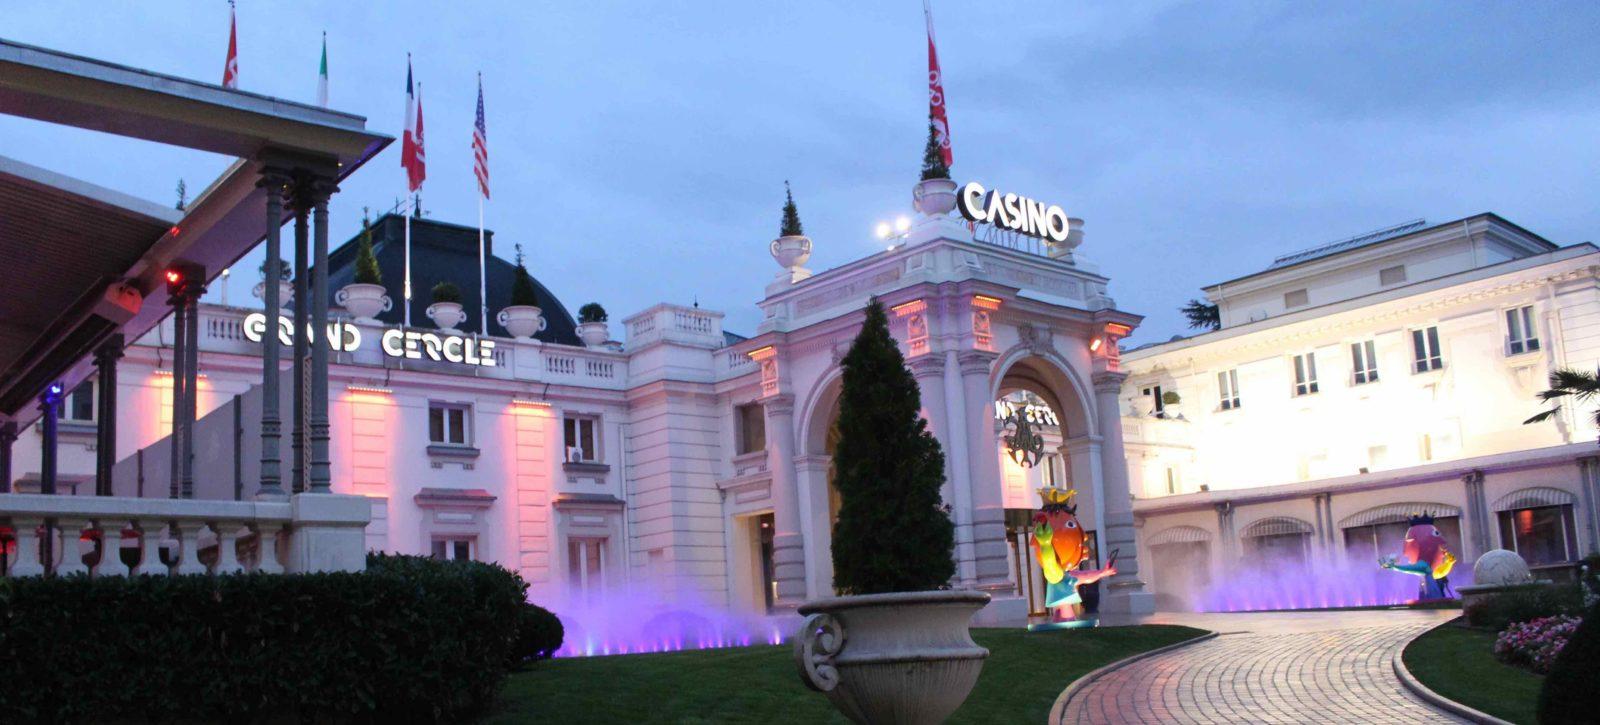 Casino Aix-les-Bains